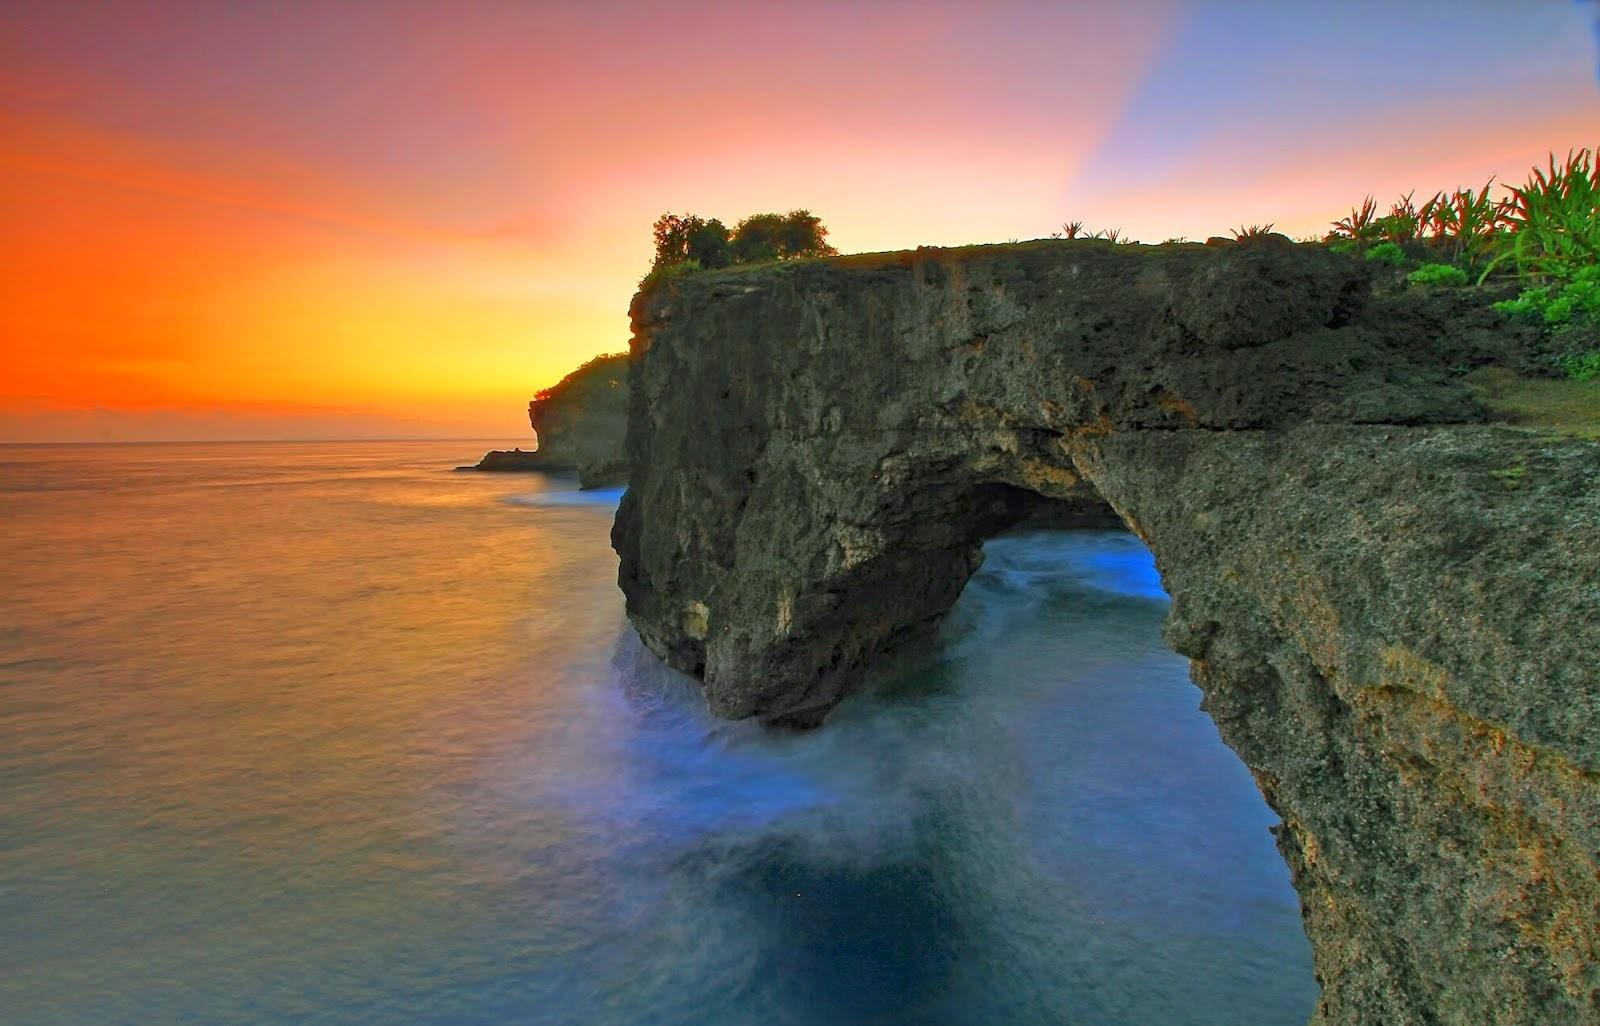 6 Tempat Wisata Anti Mainstream Yang Perlu Dikunjungi di Indonesia 8